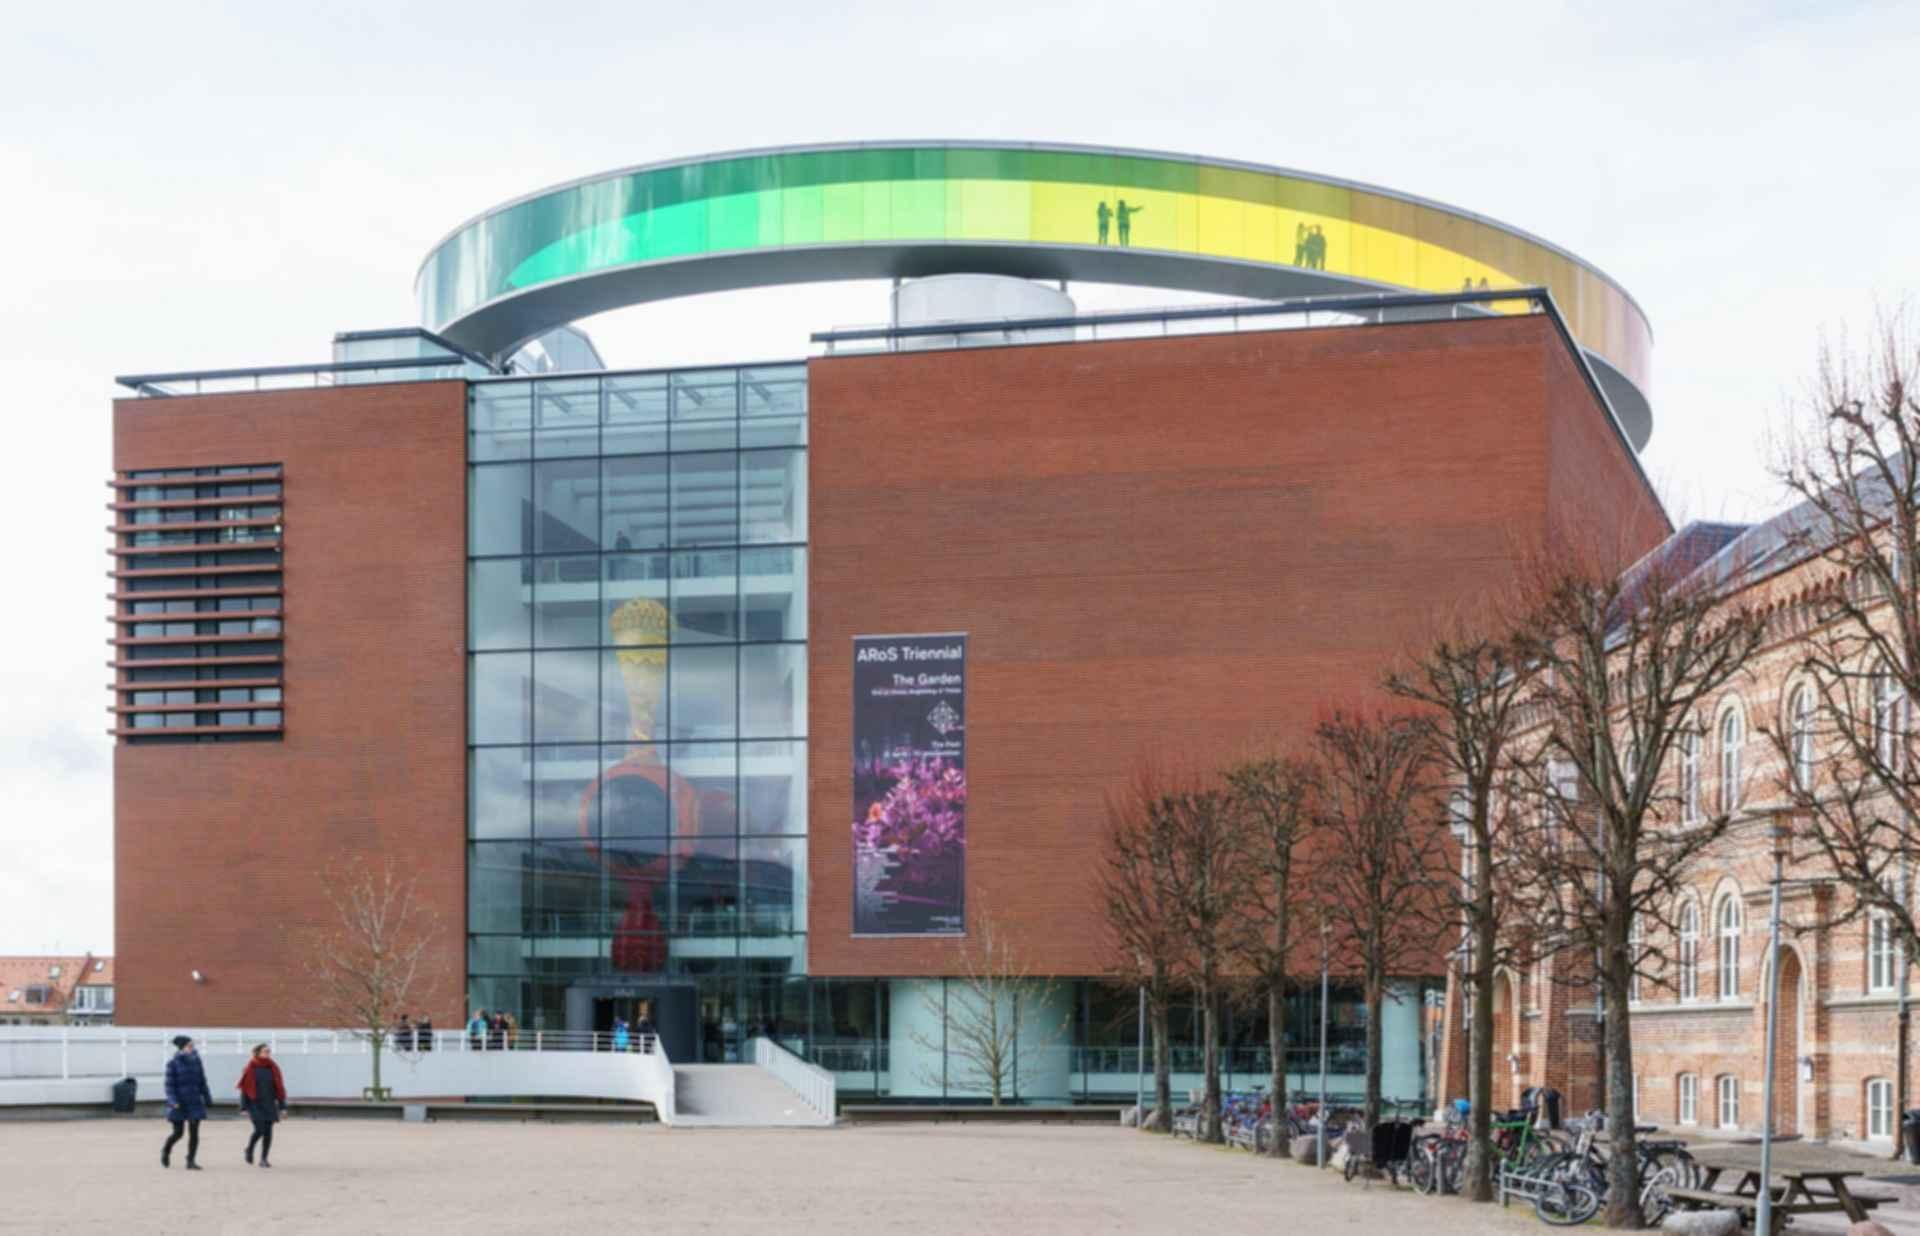 ARoS Aarhus Kunstmuseum - Exterior